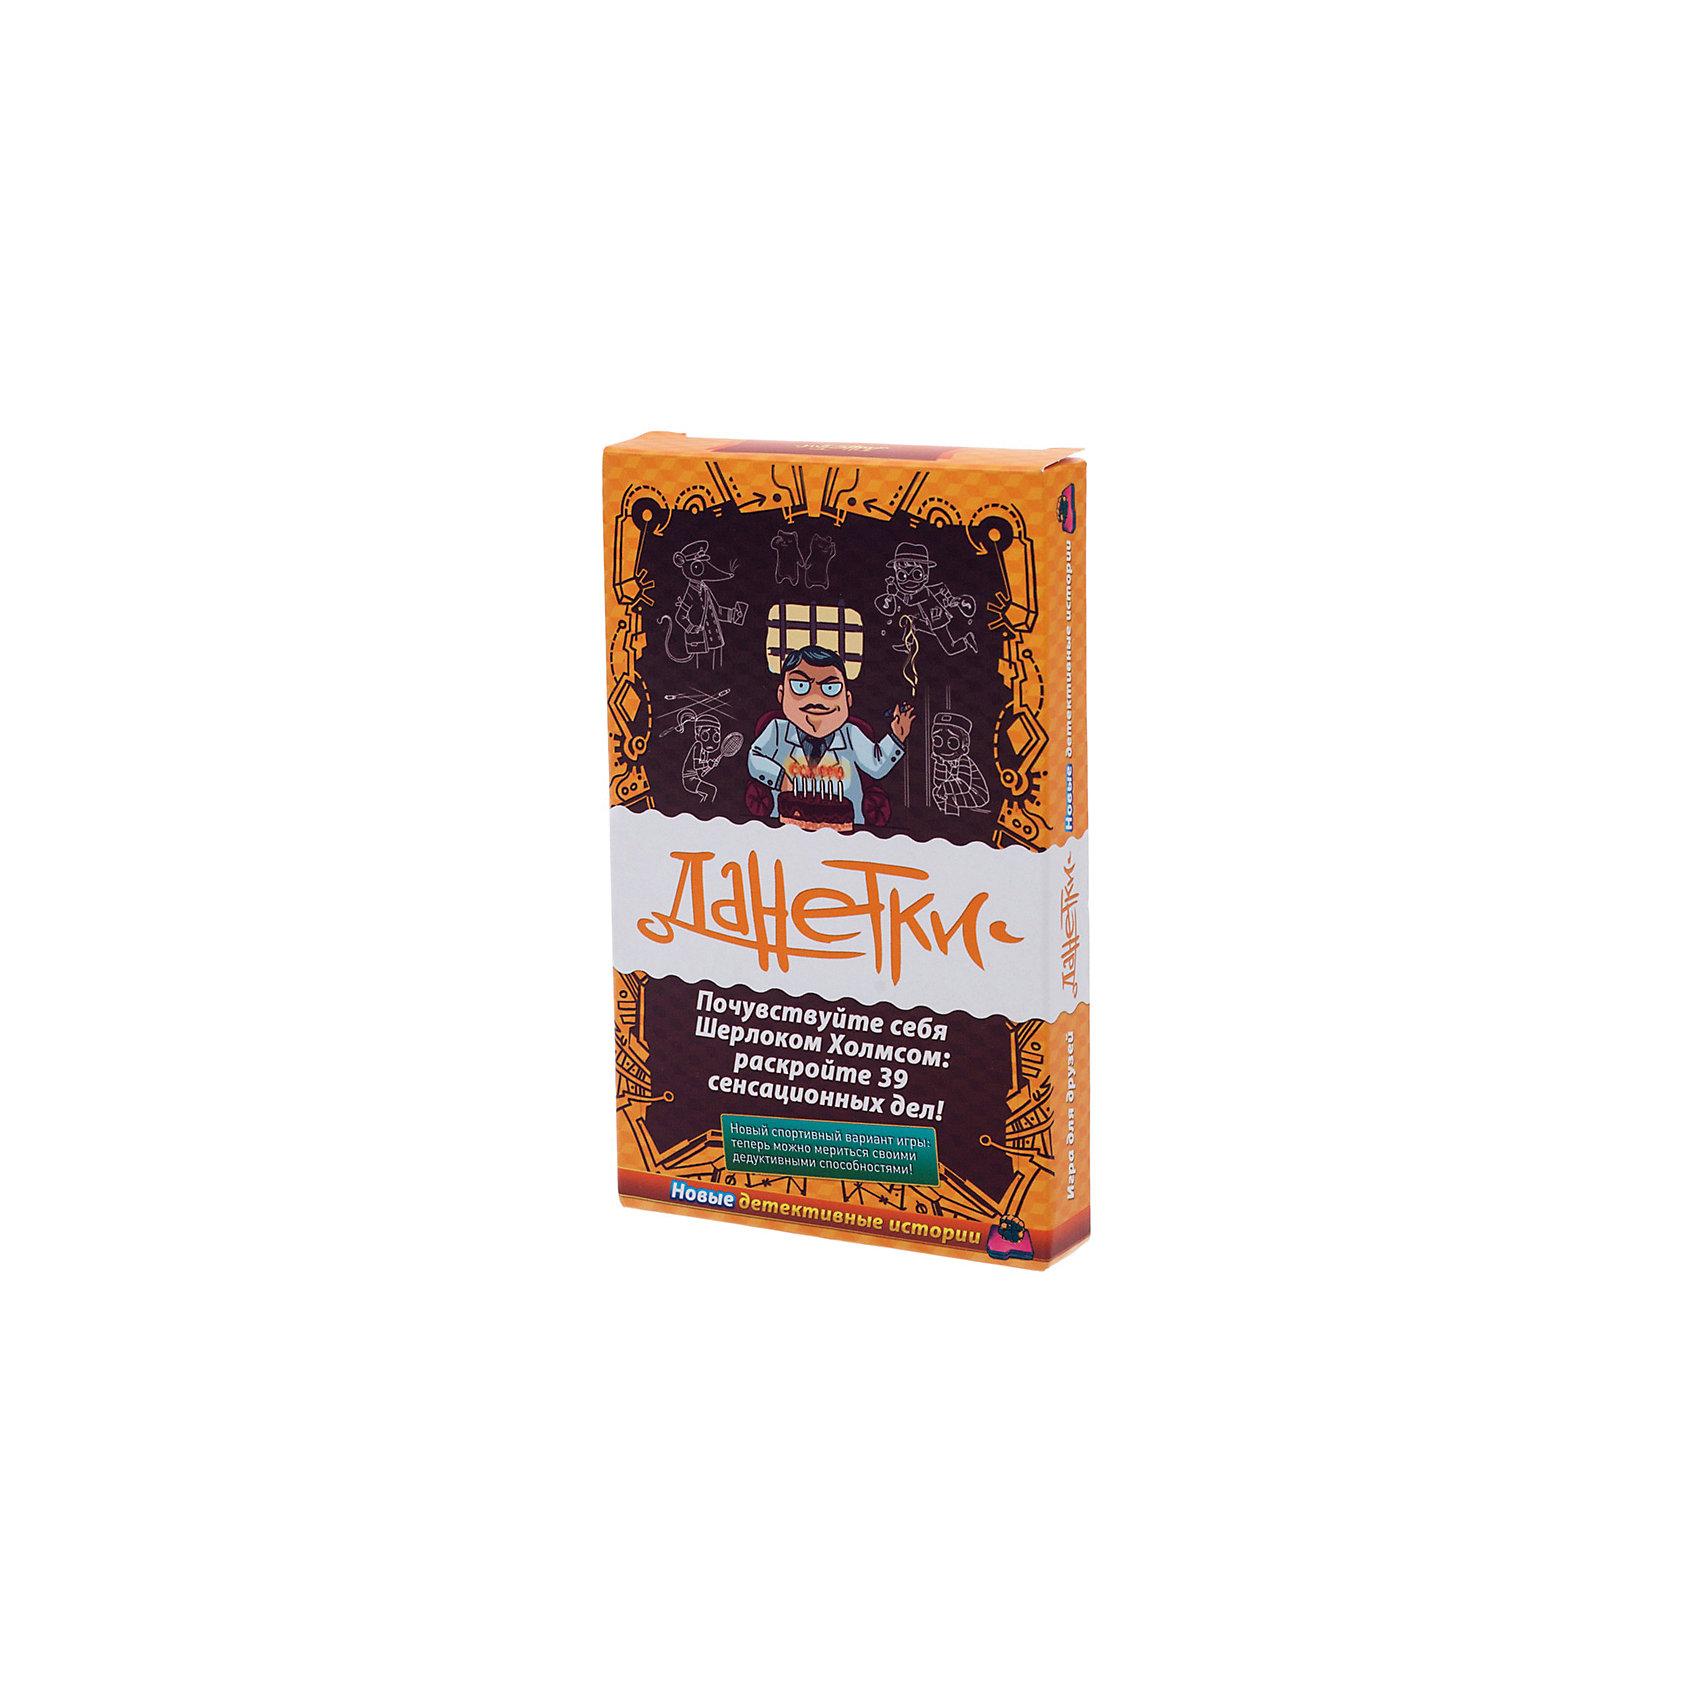 Настольная игра Данетки. Детективные истории новые, МагелланНастольные игры<br>Характеристики товара:<br><br>• возраст от 10 лет<br>• материал: картон<br>• комплект: 39 карточек с данетками, правила.<br>• количество предполагаемых игроков: от 2х.<br>• время игры: 10-60 мин.<br>• размер упаковки 15х20х9,5 см<br>• вес упаковки 204 г.<br>• страна бренда: Россия<br>• страна производитель: Россия<br><br>Настольная игра «Данетки. Детективные истории новые» Магеллан позволит весело провести время в компании друзей. В начале игры назначается ведущий, который достает одну карточку с историей. Он видит историю целиком, а остальные участники только ее часть. Им предстоит разгадать детективную историю, задавая ведущему вопросы на «да» и «нет». За каждую отгаданную данетку начисляются баллы. Победит набравший больше всех очков. Игра развивает смекалку, сообразительность, внимательность.<br><br>Настольную игру «Данетки. Детективные истории новые» Магеллан можно приобрести в нашем интернет-магазине.<br><br>Ширина мм: 150<br>Глубина мм: 95<br>Высота мм: 200<br>Вес г: 204<br>Возраст от месяцев: 120<br>Возраст до месяцев: 2147483647<br>Пол: Унисекс<br>Возраст: Детский<br>SKU: 5543766